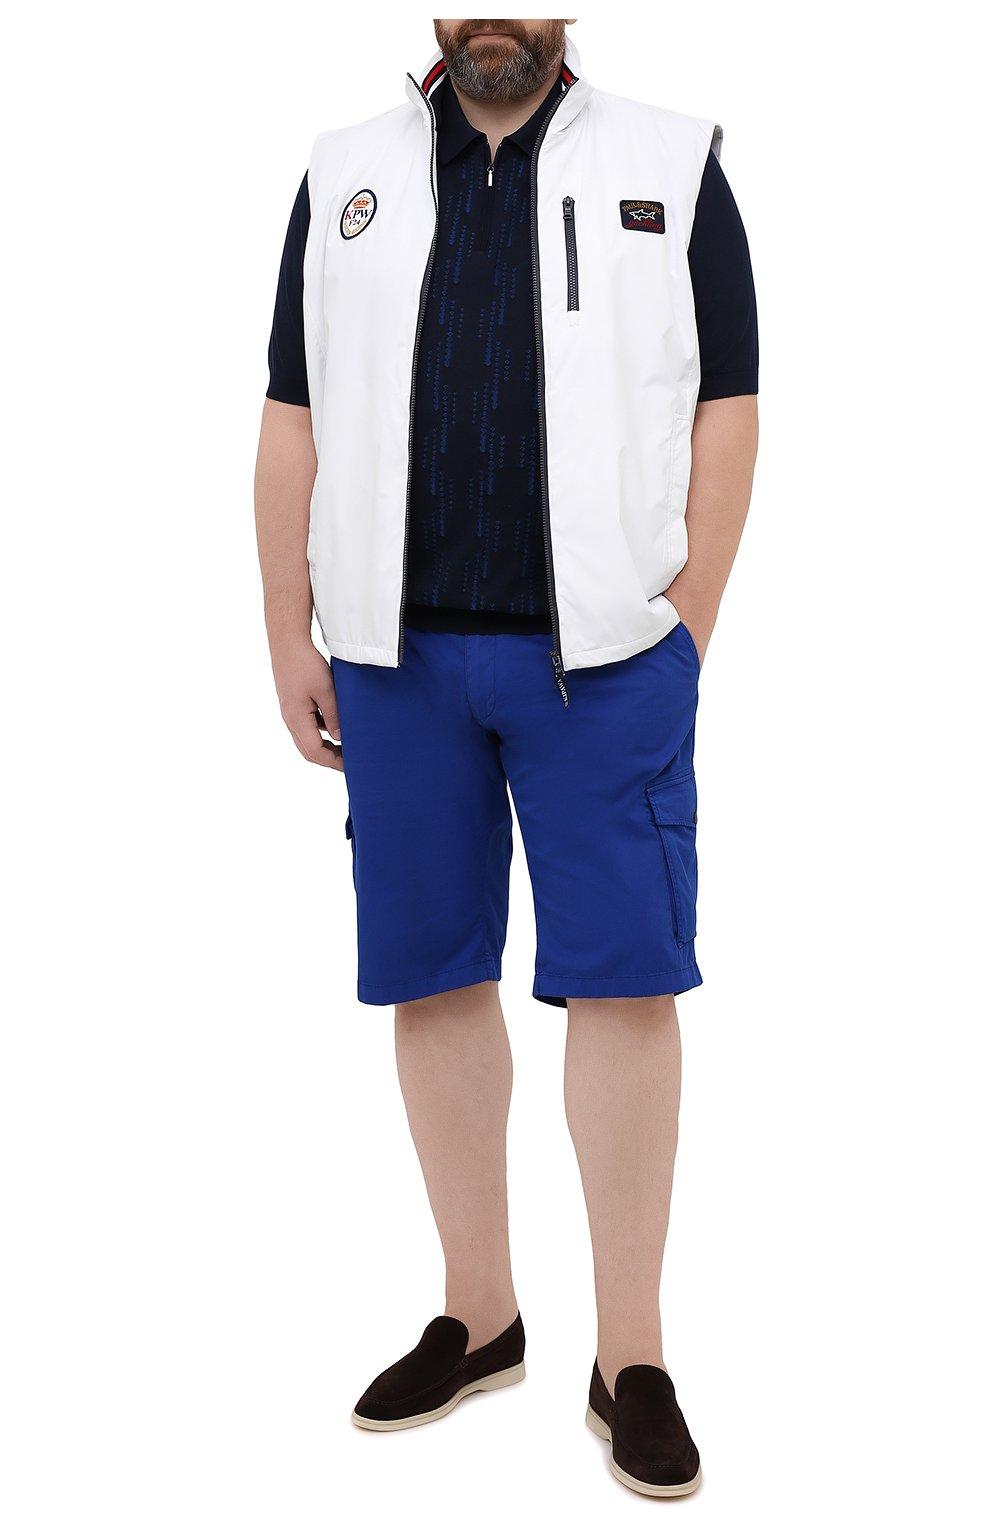 Мужской жилет PAUL&SHARK белого цвета, арт. 21412032/F8I/3XL-6XL   Фото 2 (Кросс-КТ: Куртка; Материал внешний: Синтетический материал; Длина (верхняя одежда): Короткие; Материал подклада: Хлопок; Стили: Кэжуэл)